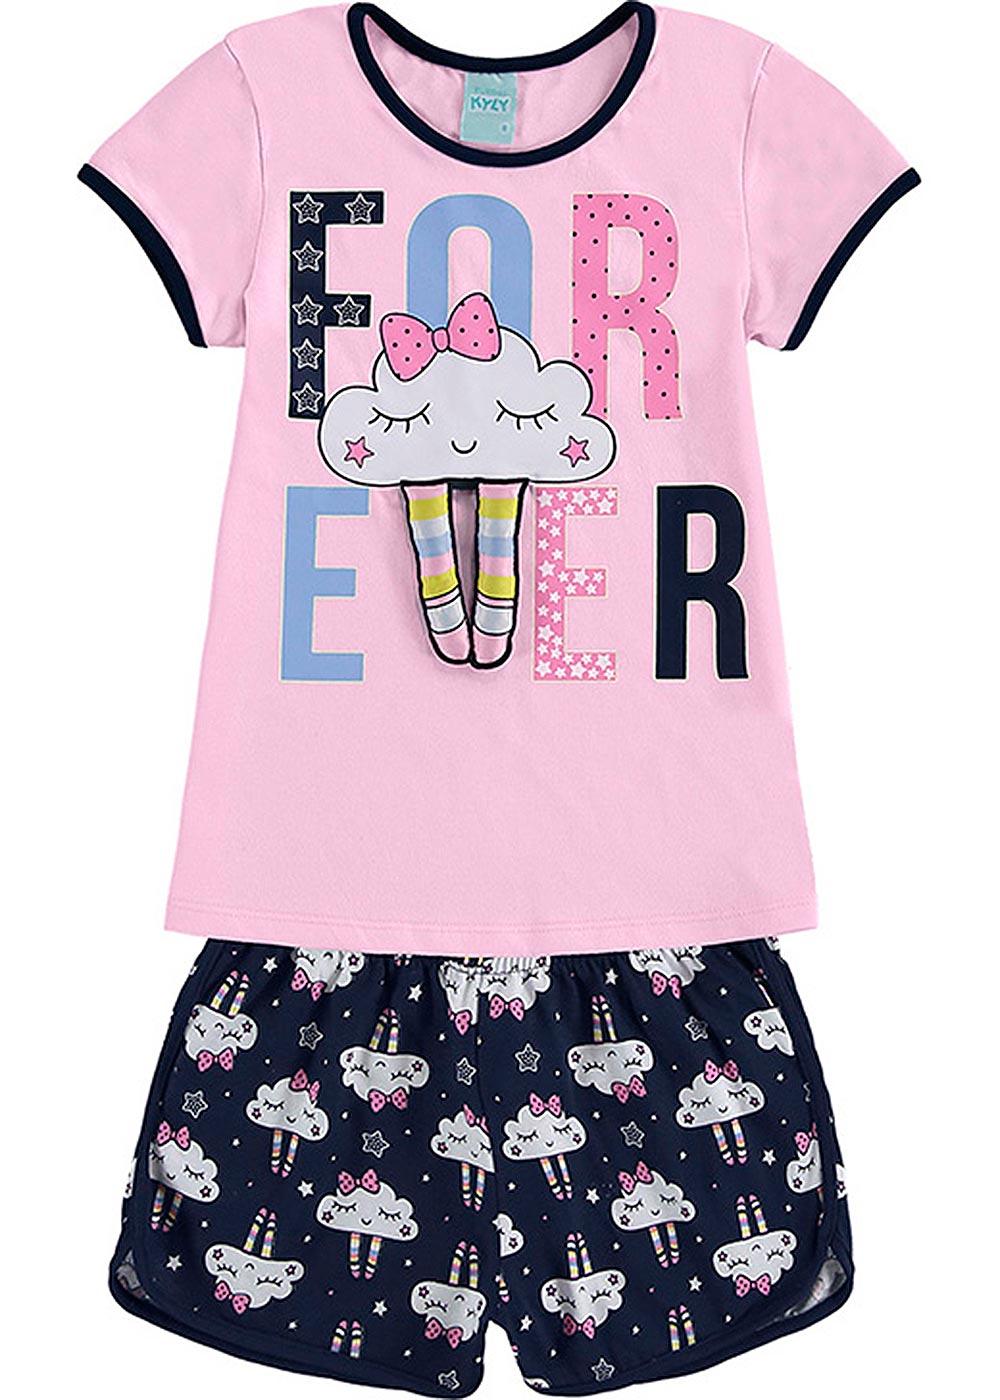 Pijama Infantil Feminino Verão Rosa Forever - Kyly